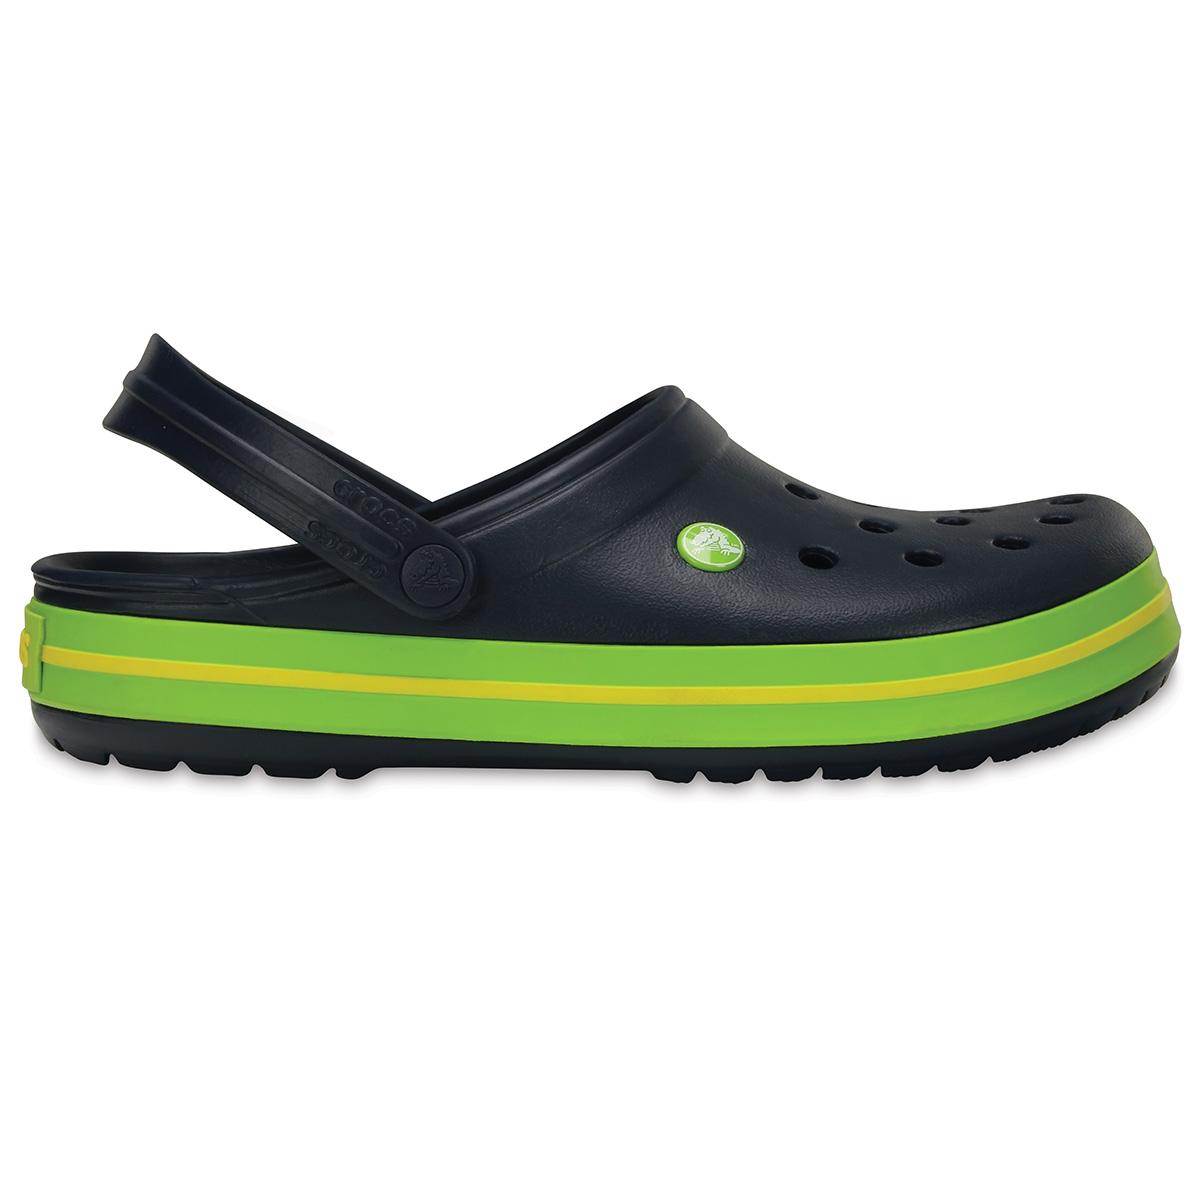 Crocs Crocband - Lacivert/Volt Yeşil/Limon